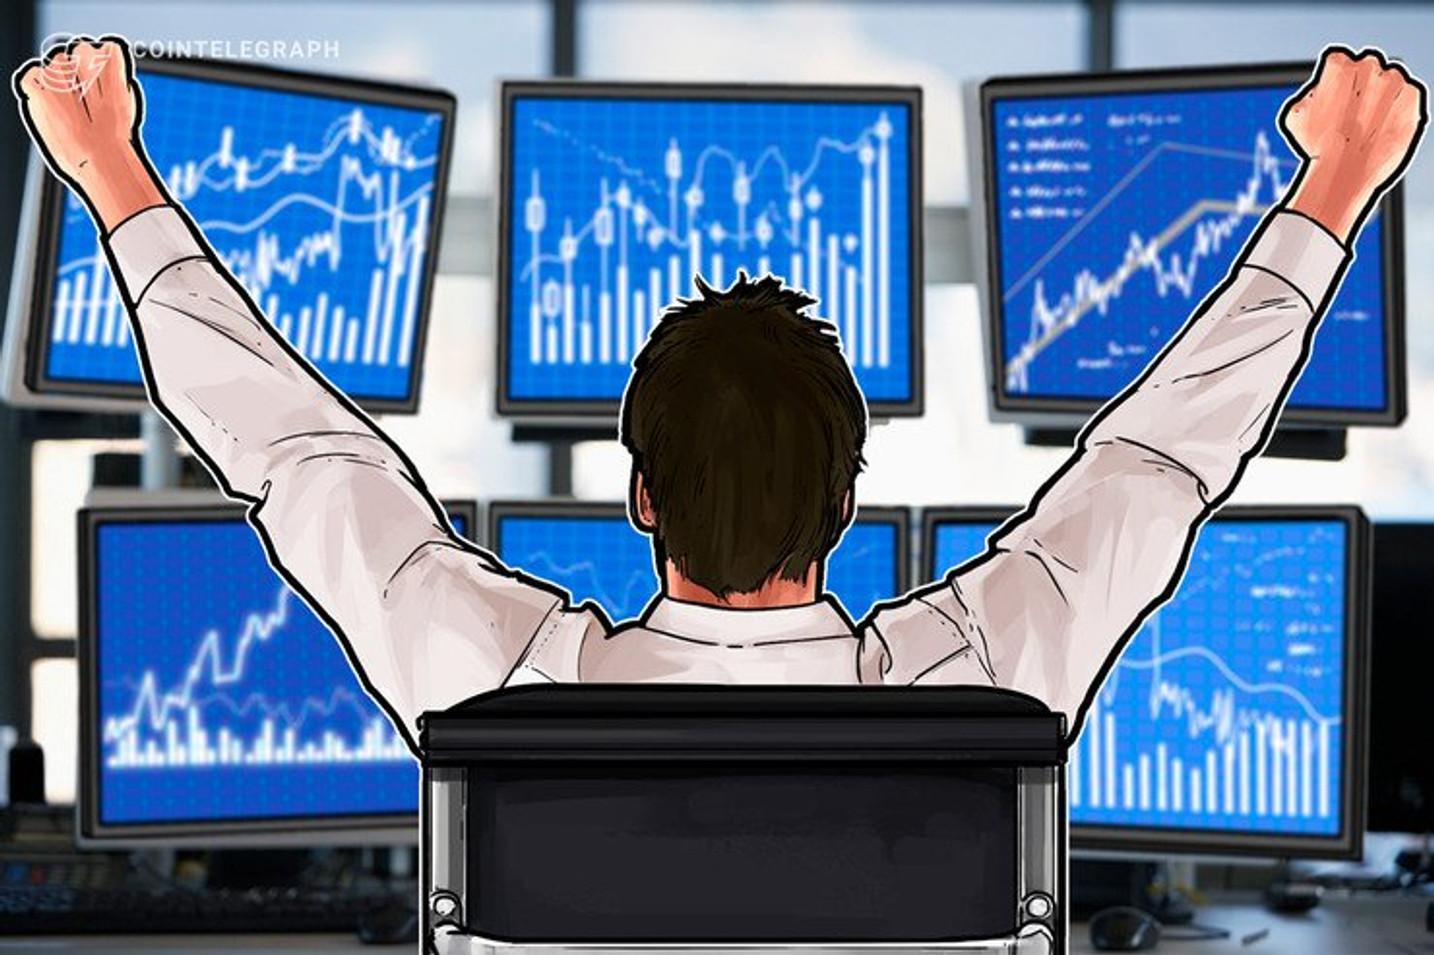 ETF, Mercado Futuro, IPO e Derivativos, confira 20 cursos gratuitos da Bolsa de Valores sobre o Mercado de Investimento